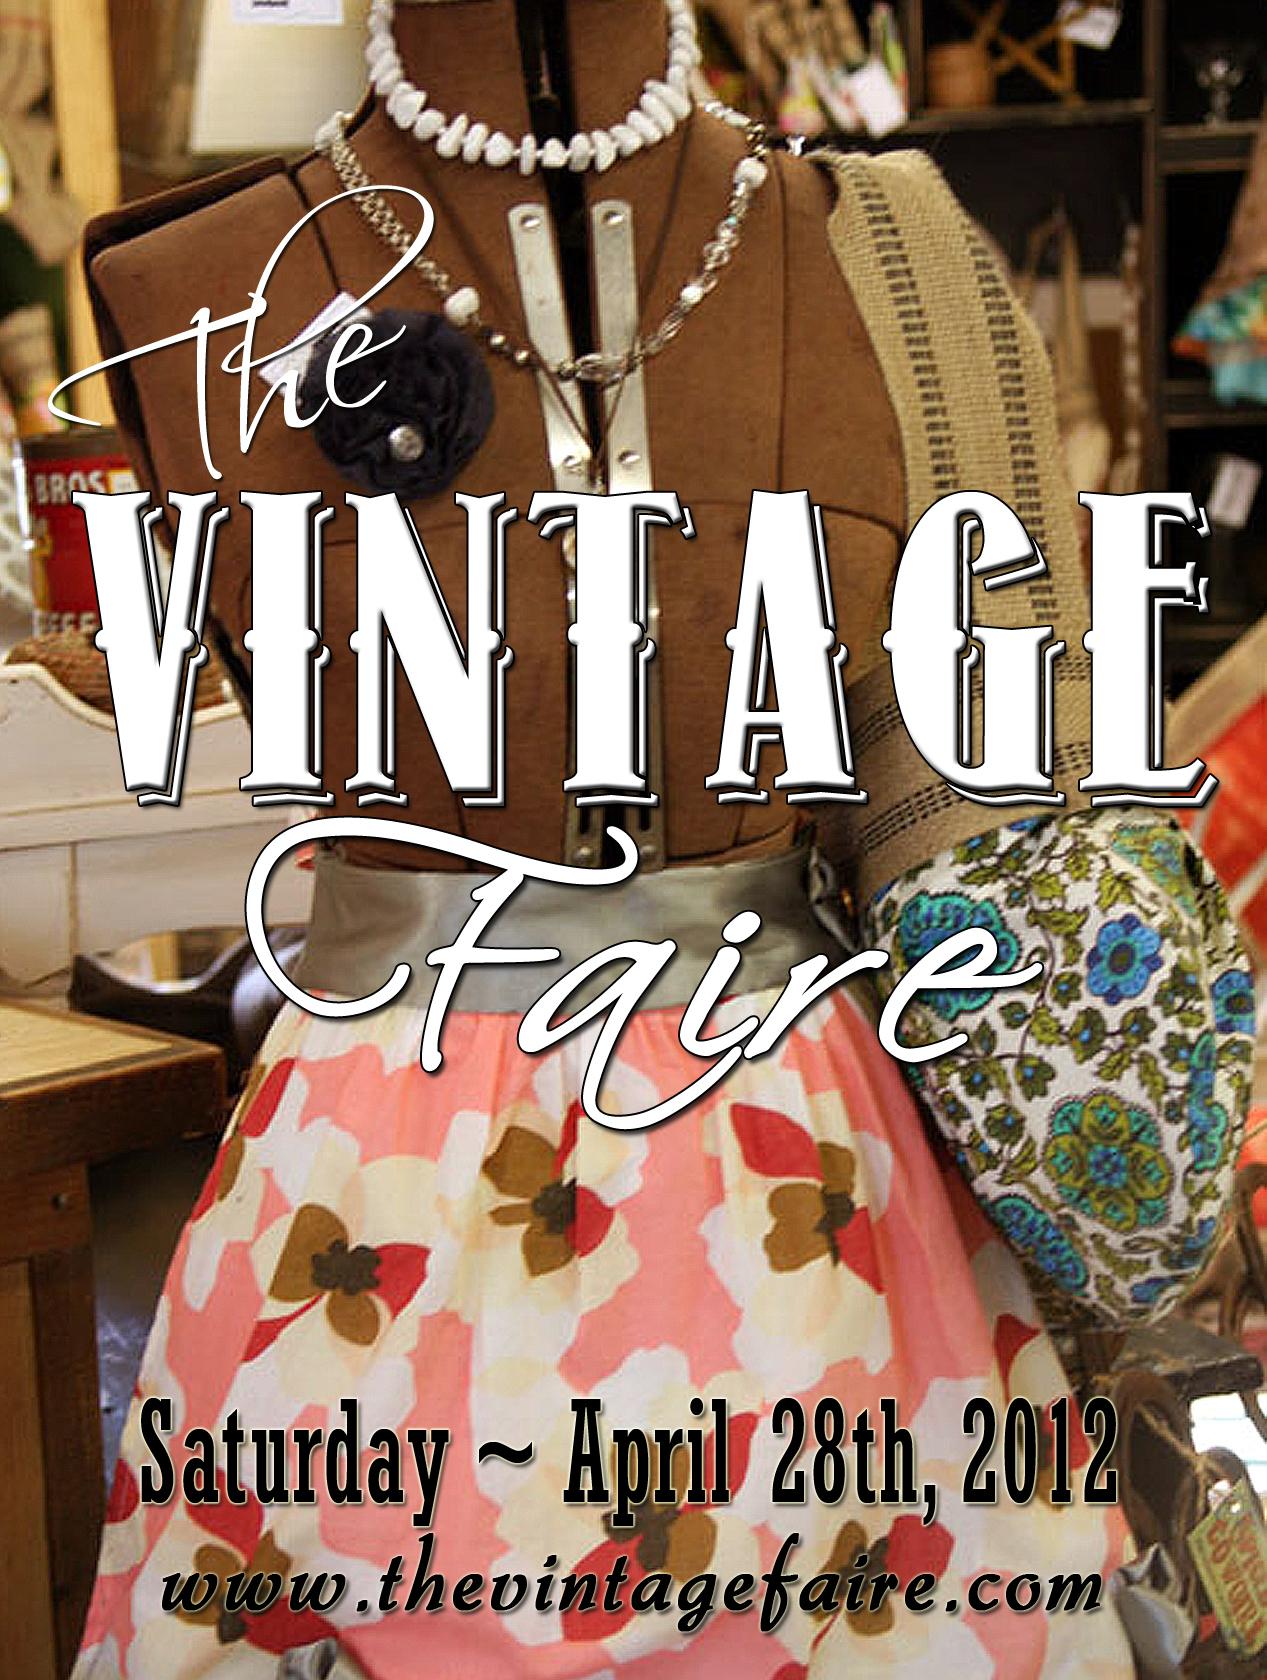 Vintage Faire 2012 front